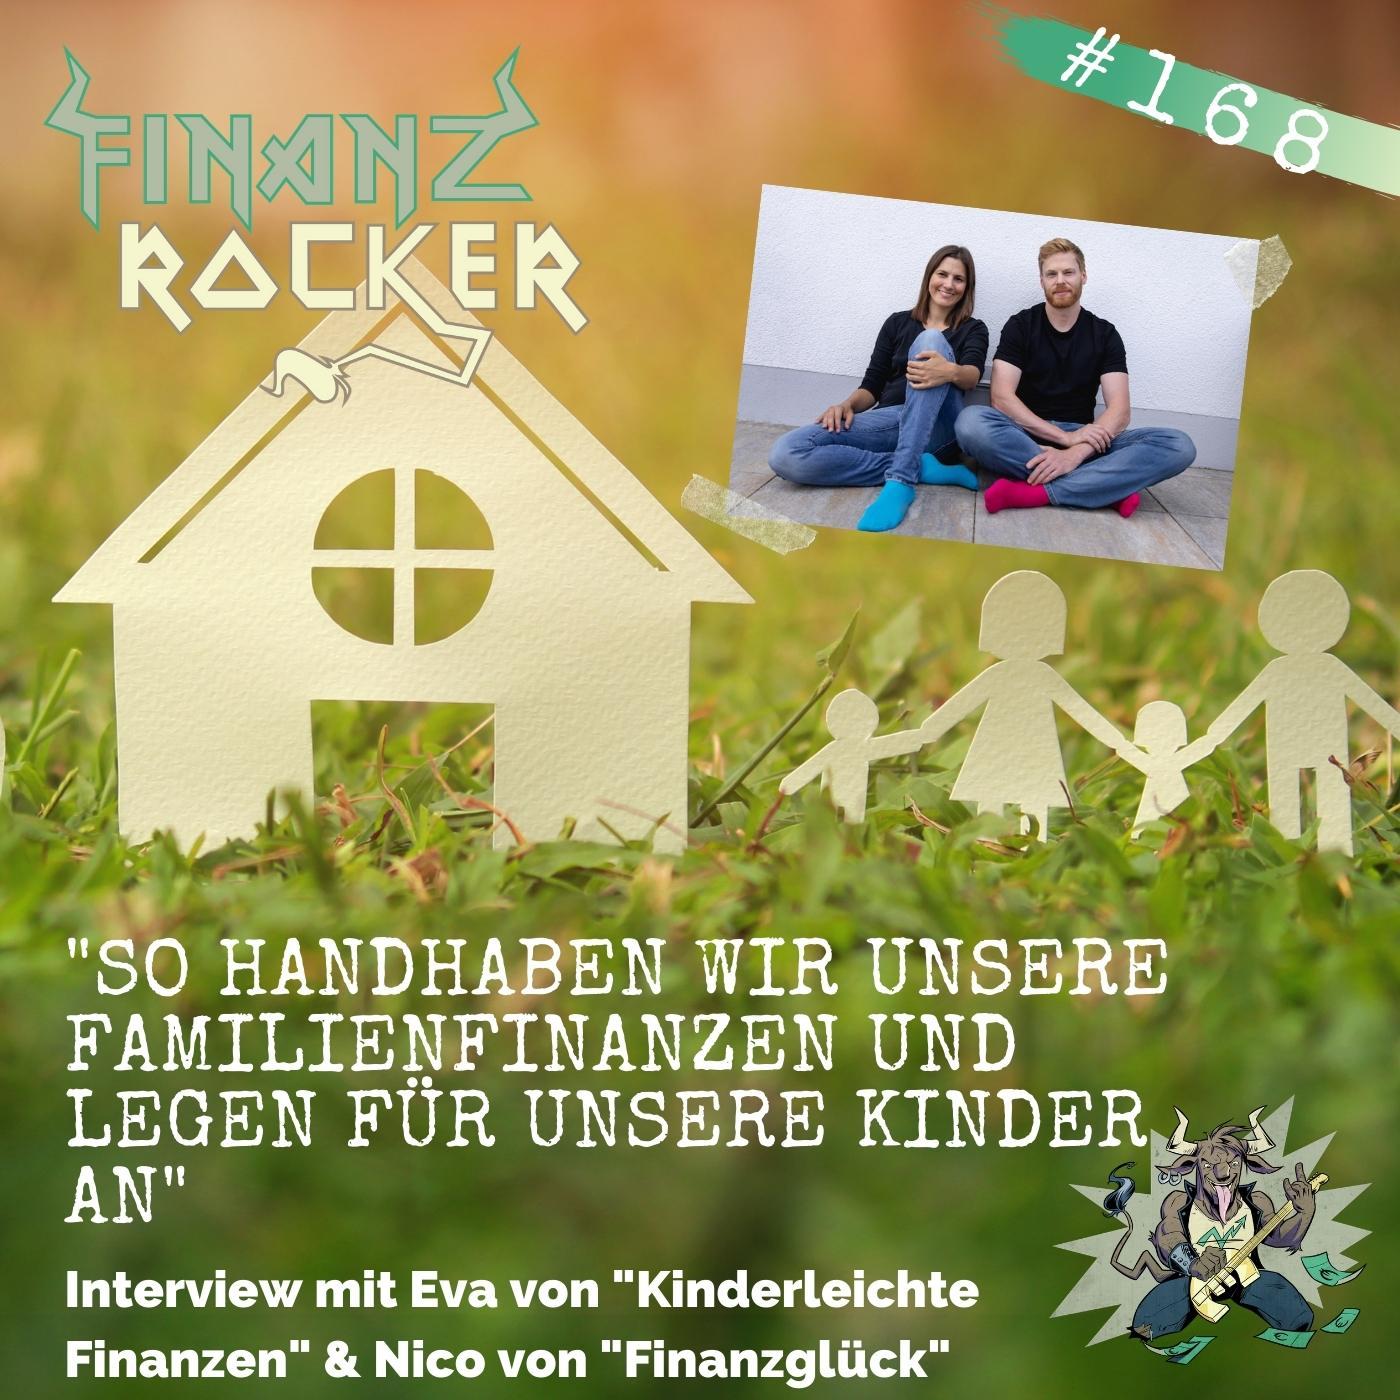 """Folge 168: """"So handhaben wir unsere Familienfinanzen und legen für unsere Kinder an"""" - Interview mit Eva und Nico"""